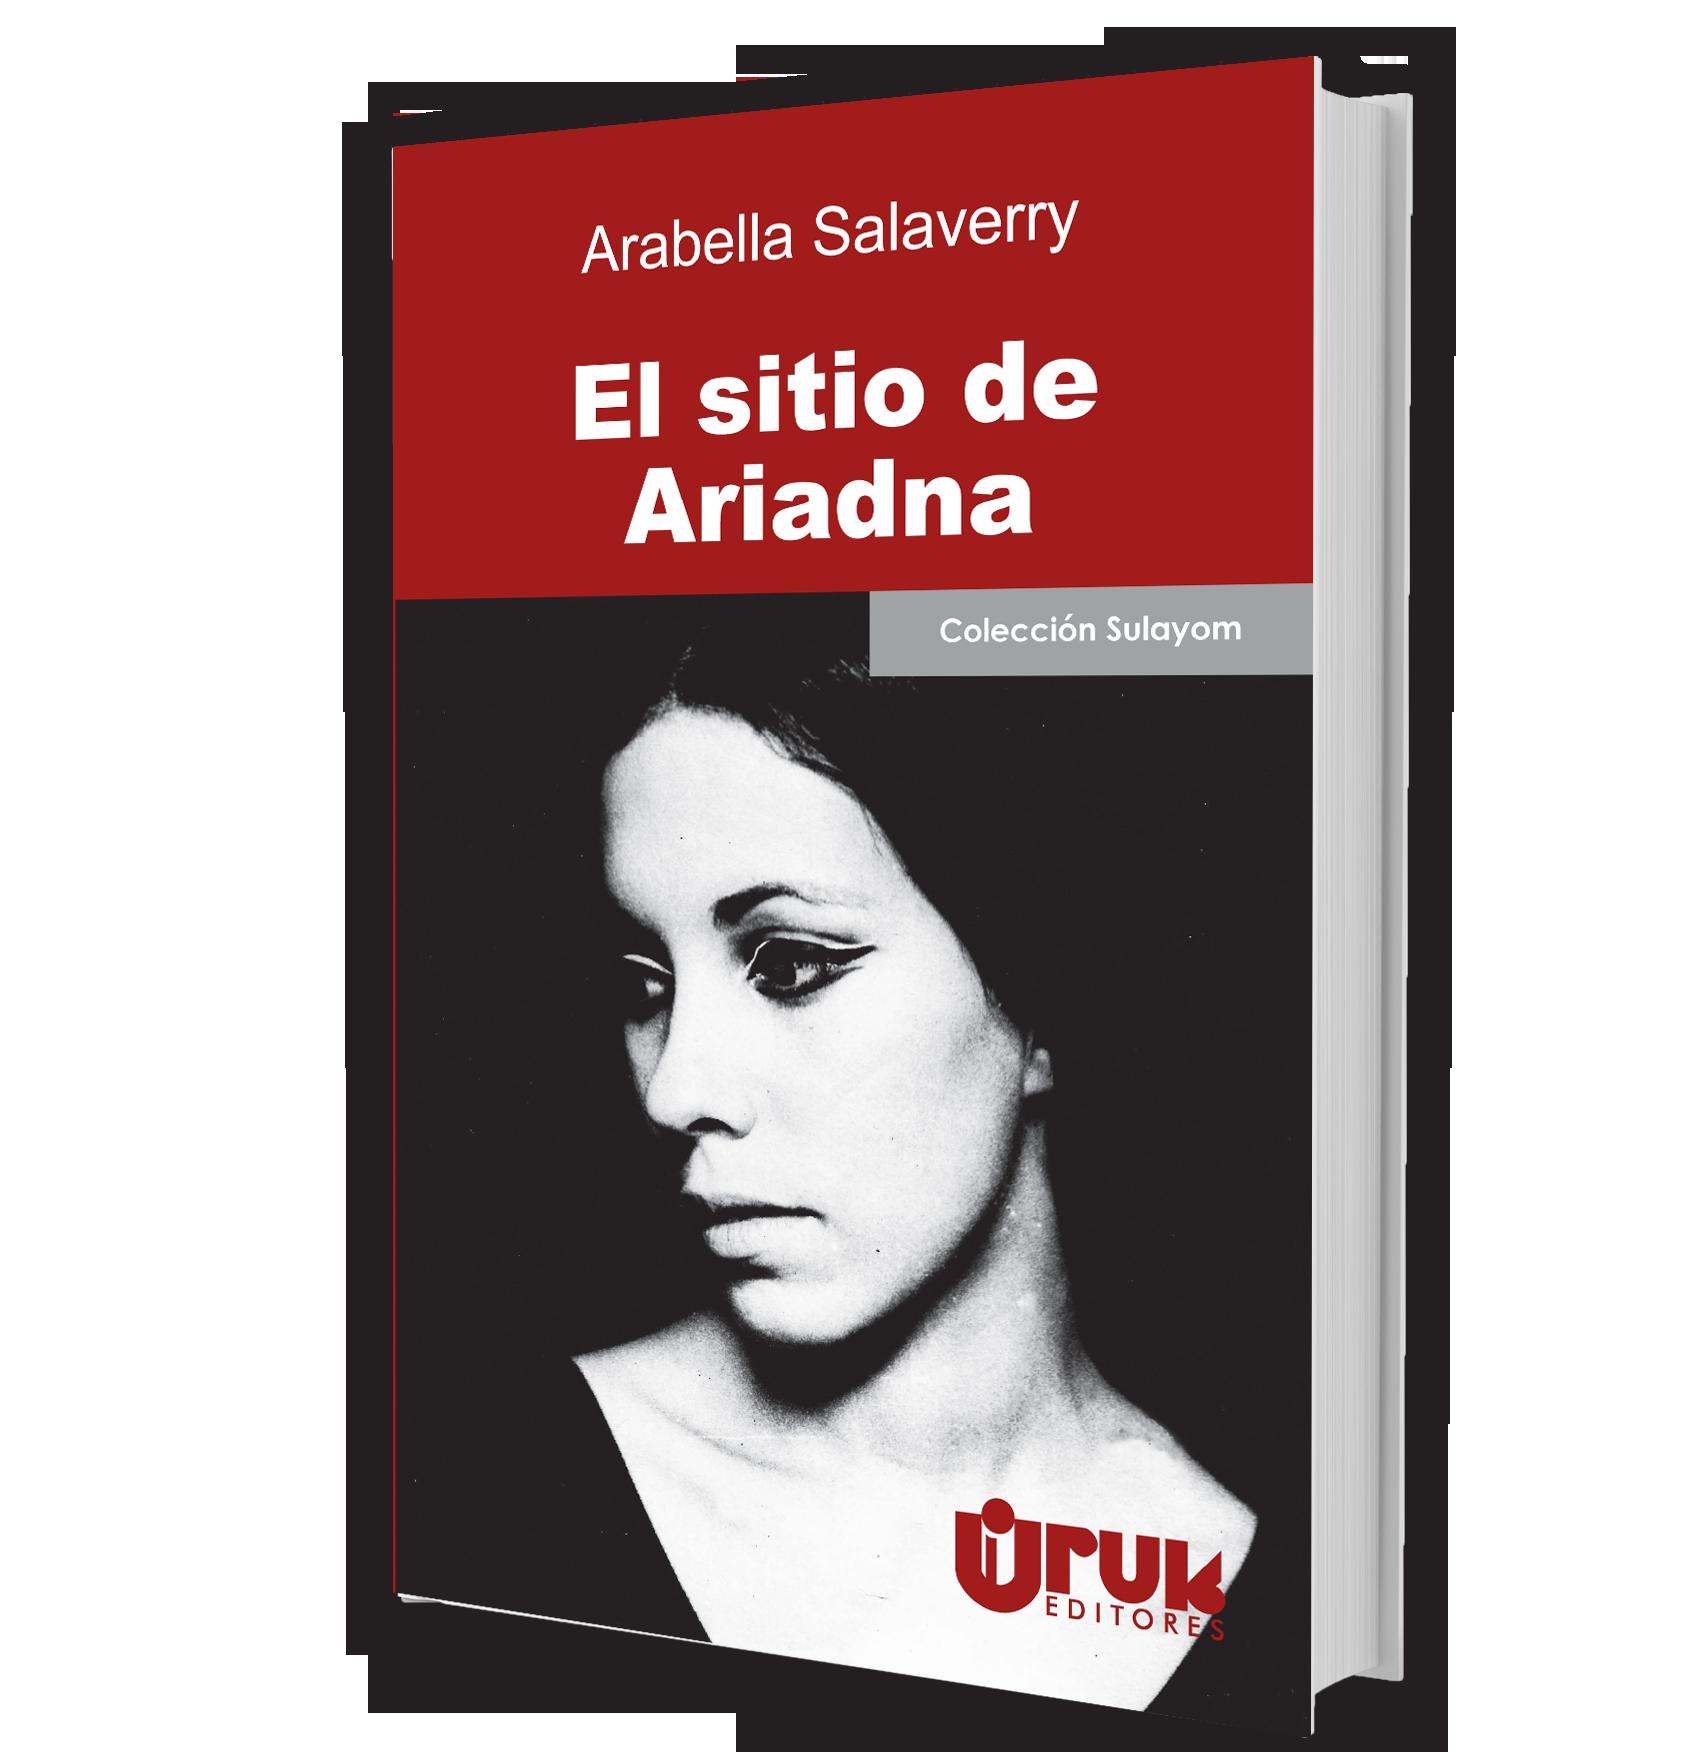 El sitio de Ariadna